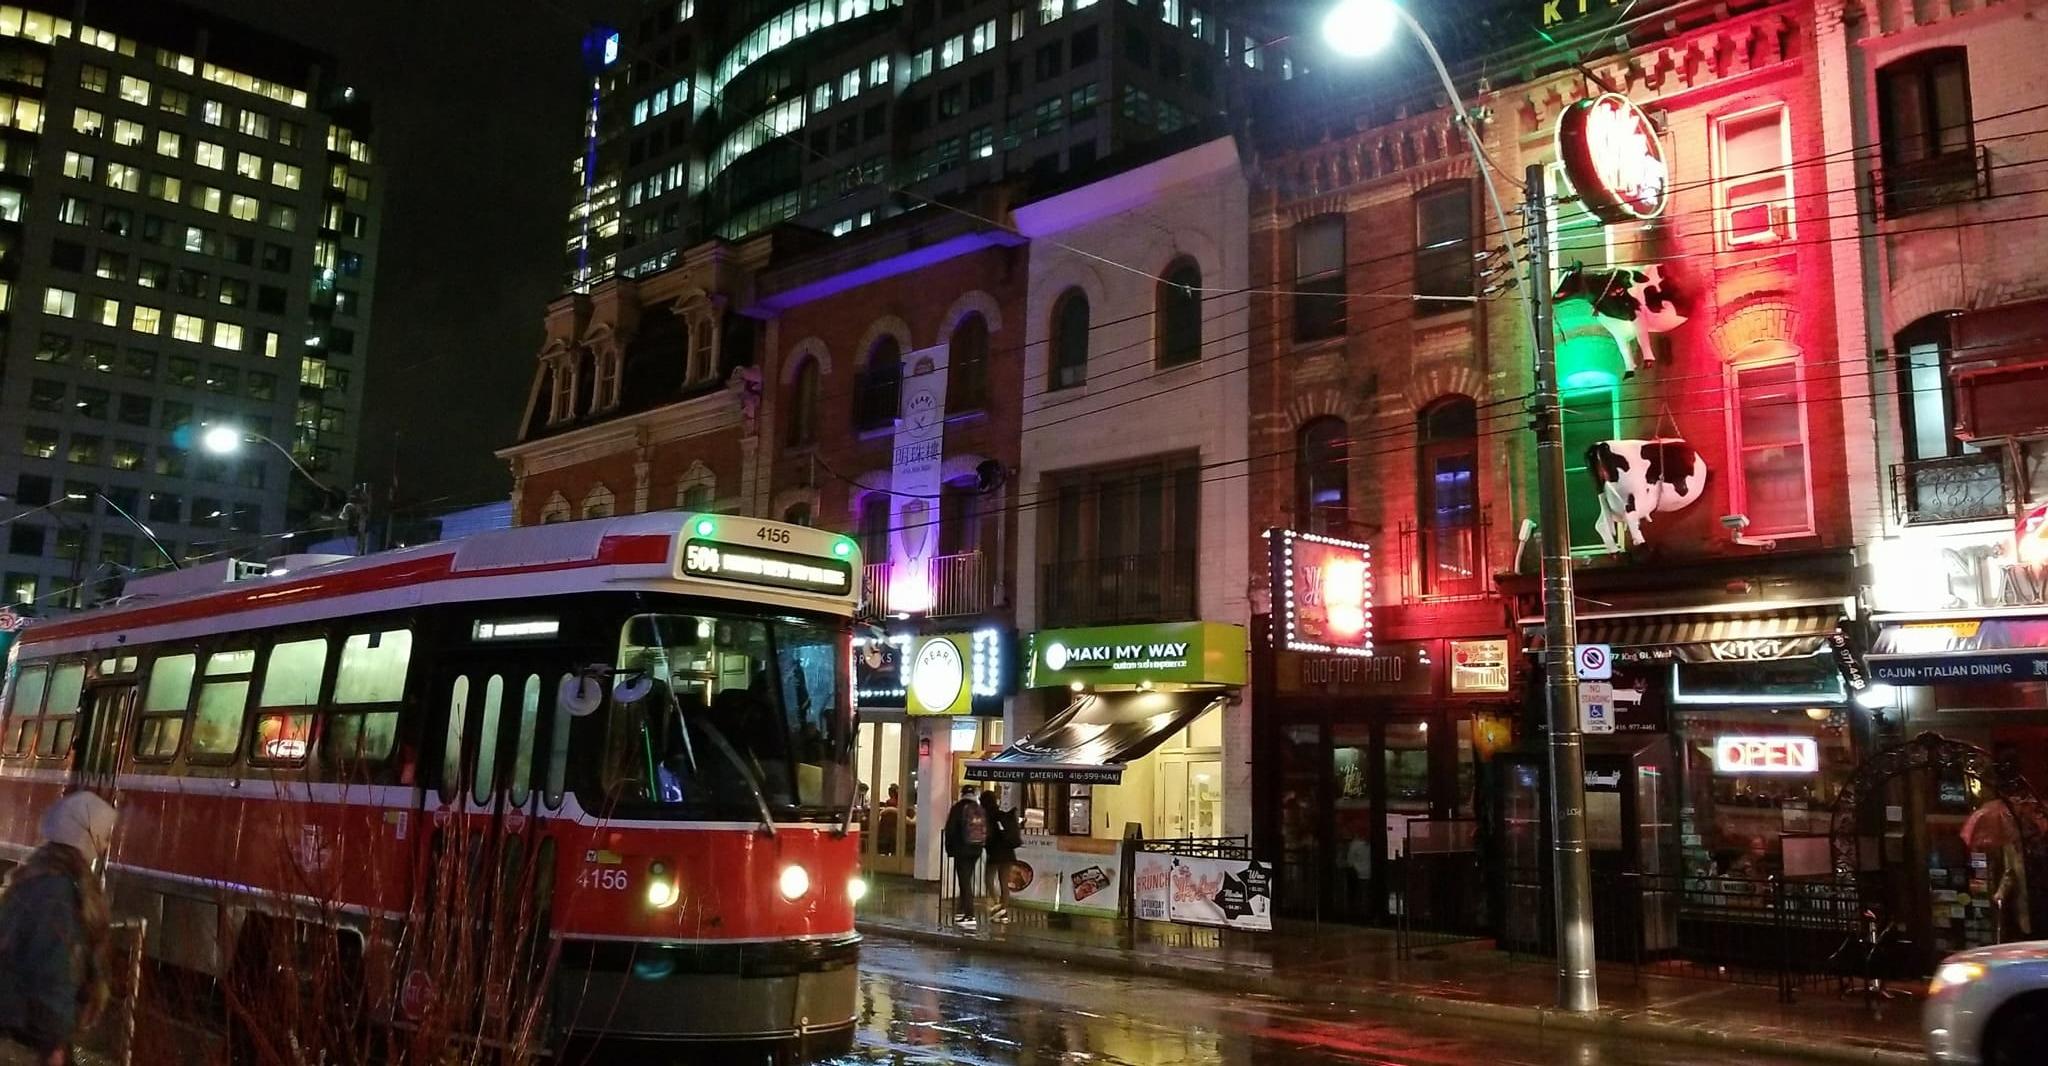 Toronto is stunning at night.